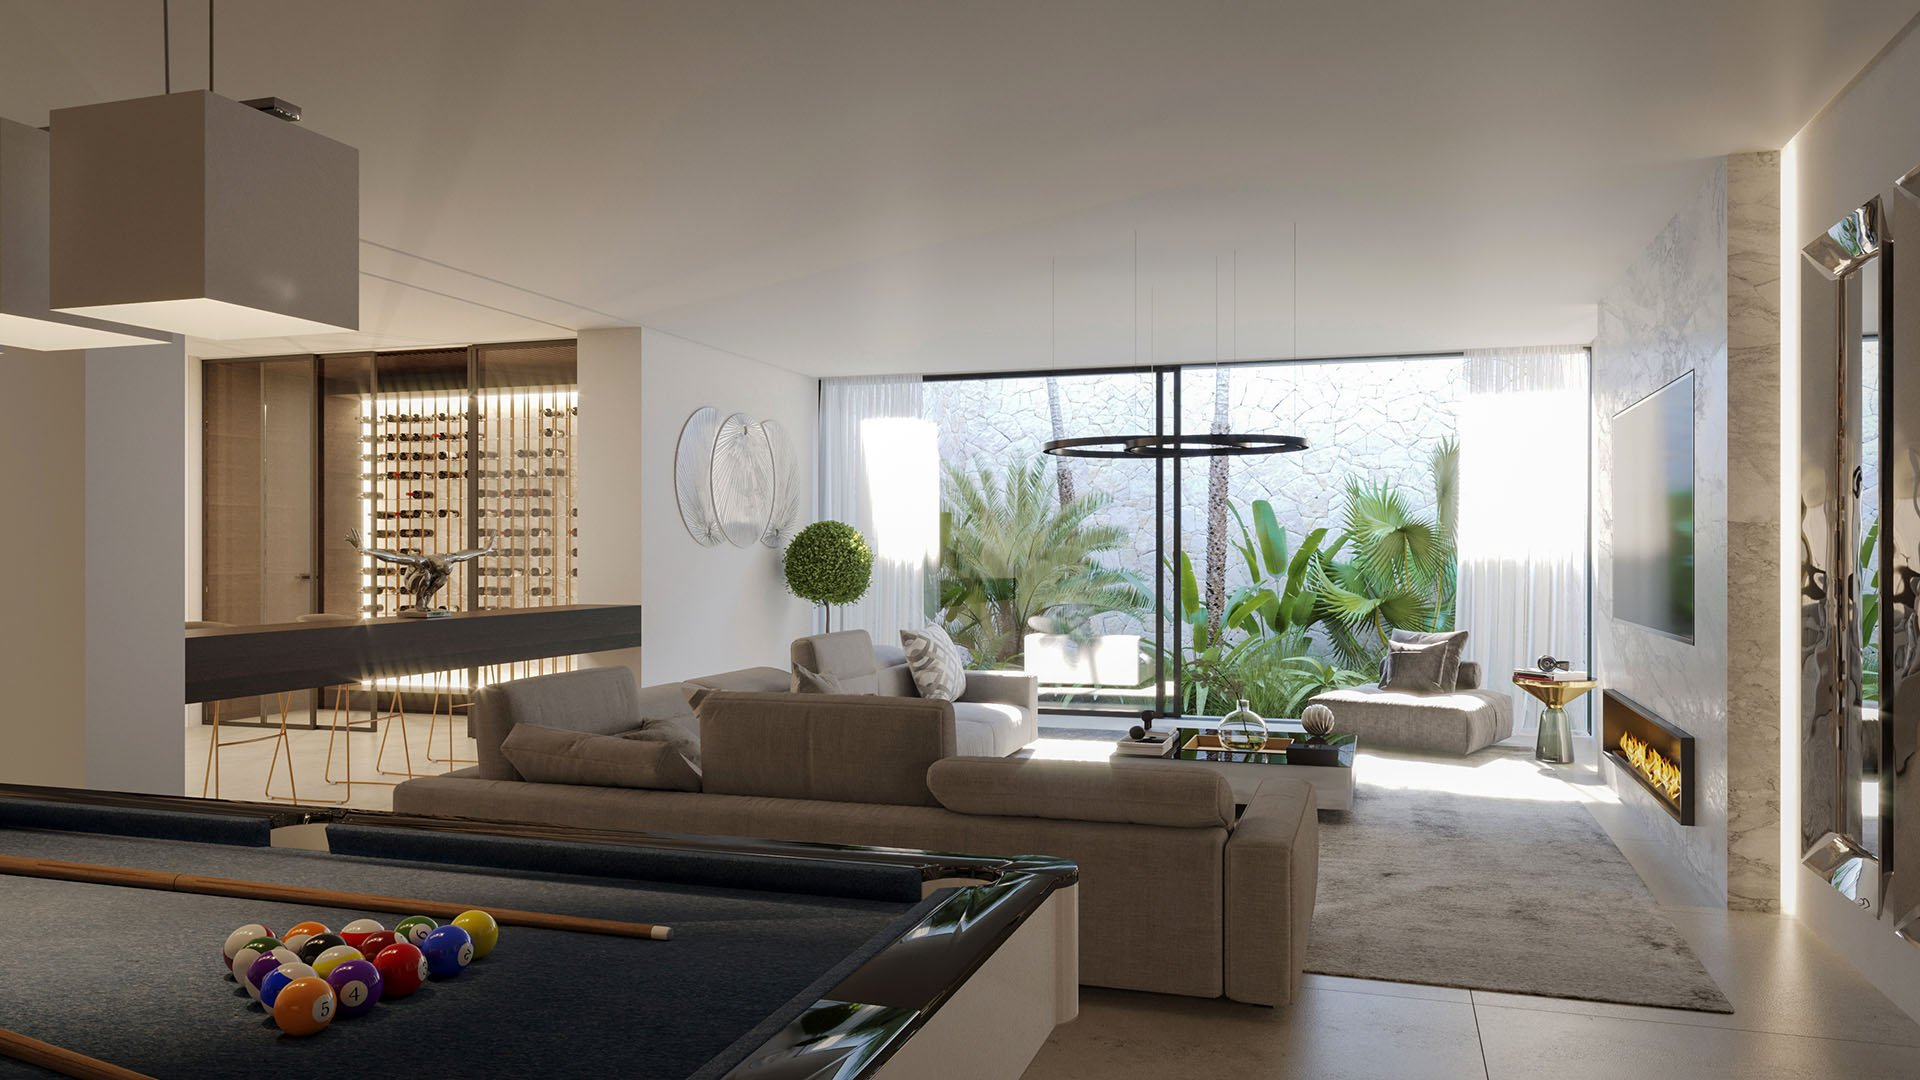 Cortijo Blanco Beach: Prachtige designer villa in Marbella dicht bij het strand